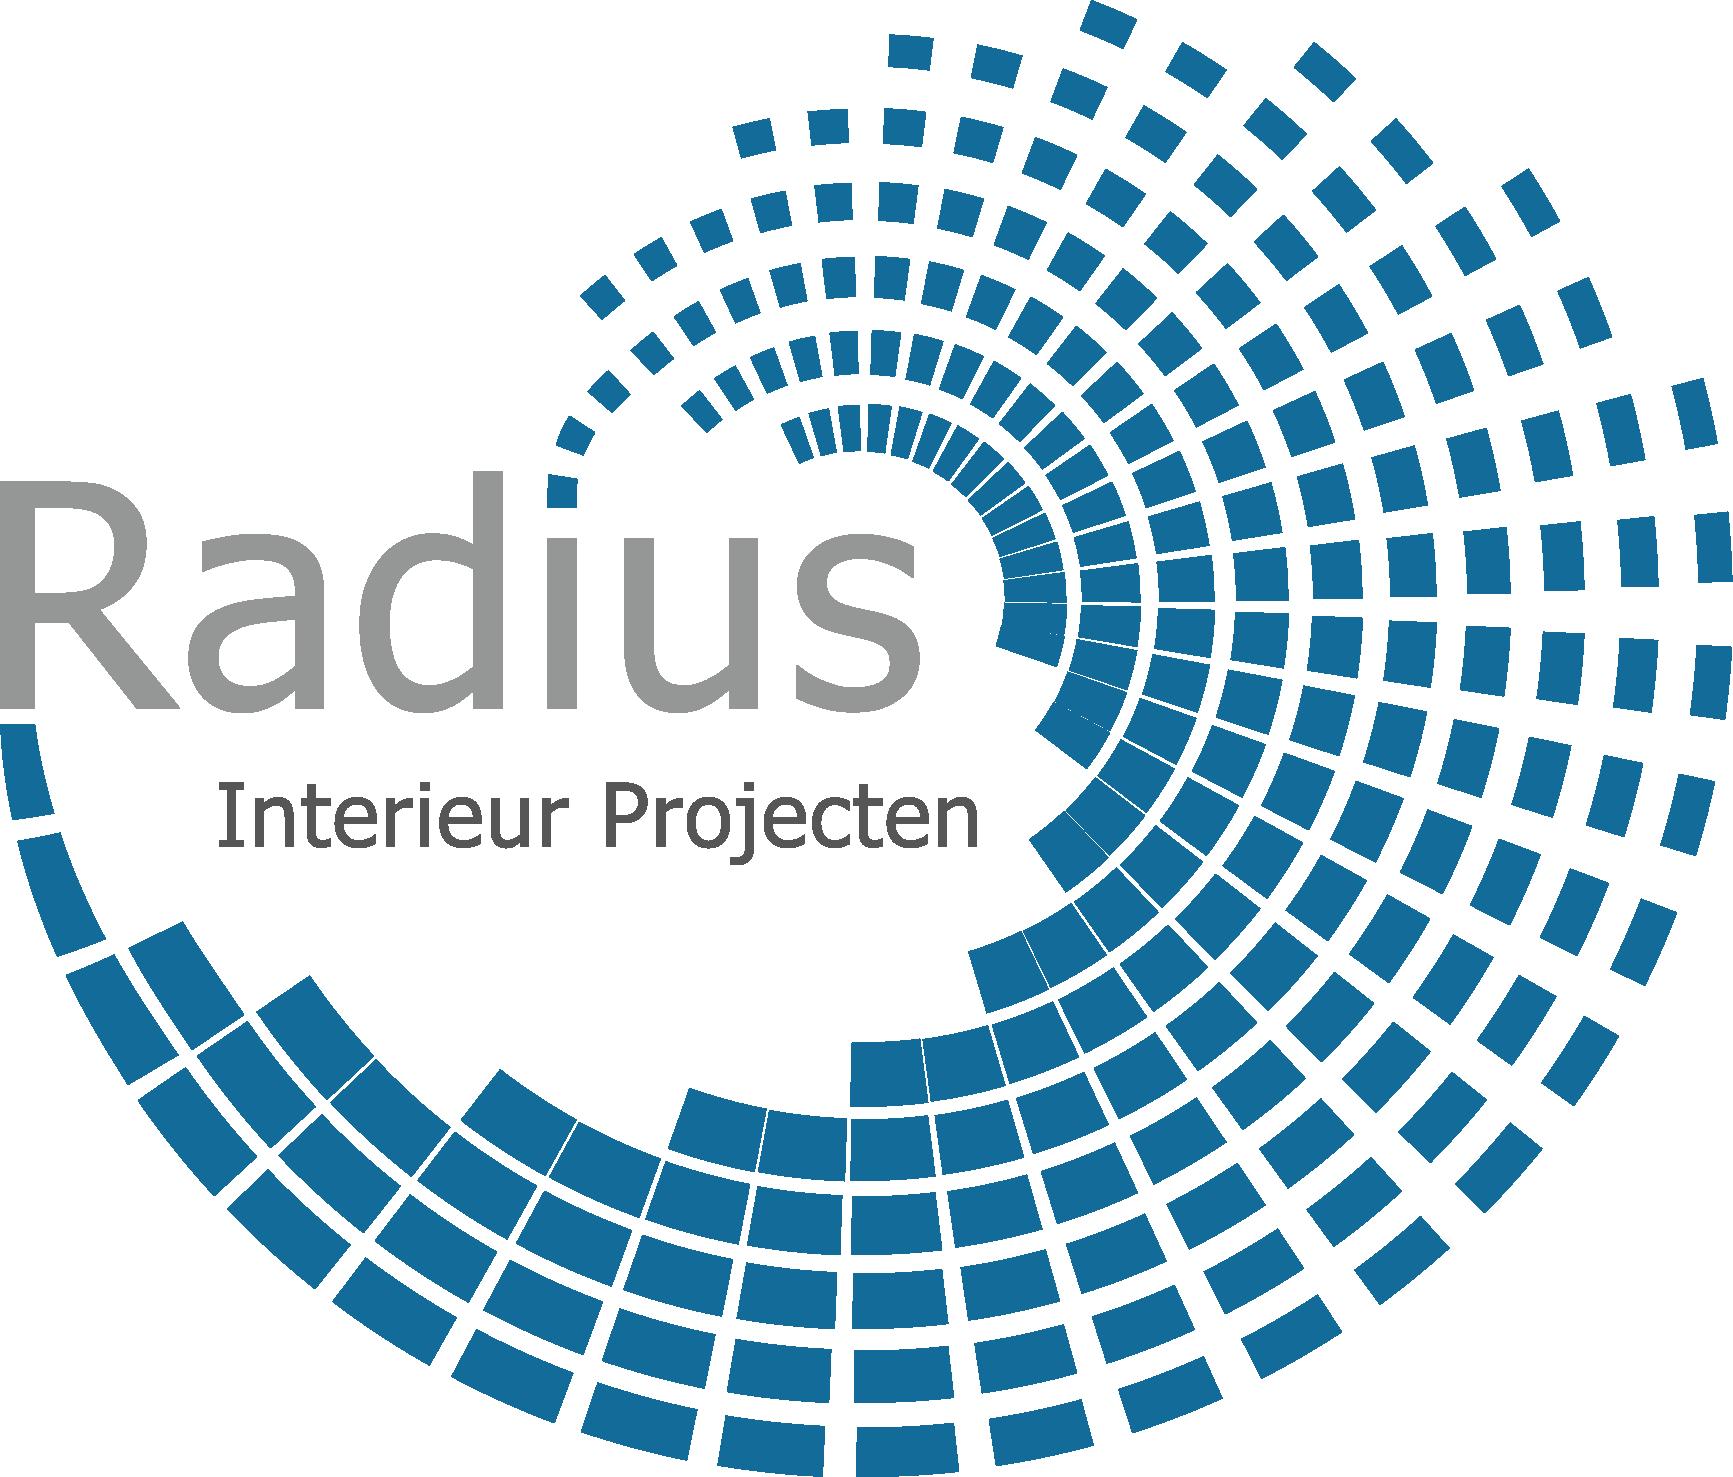 Radius Interieur Projecten